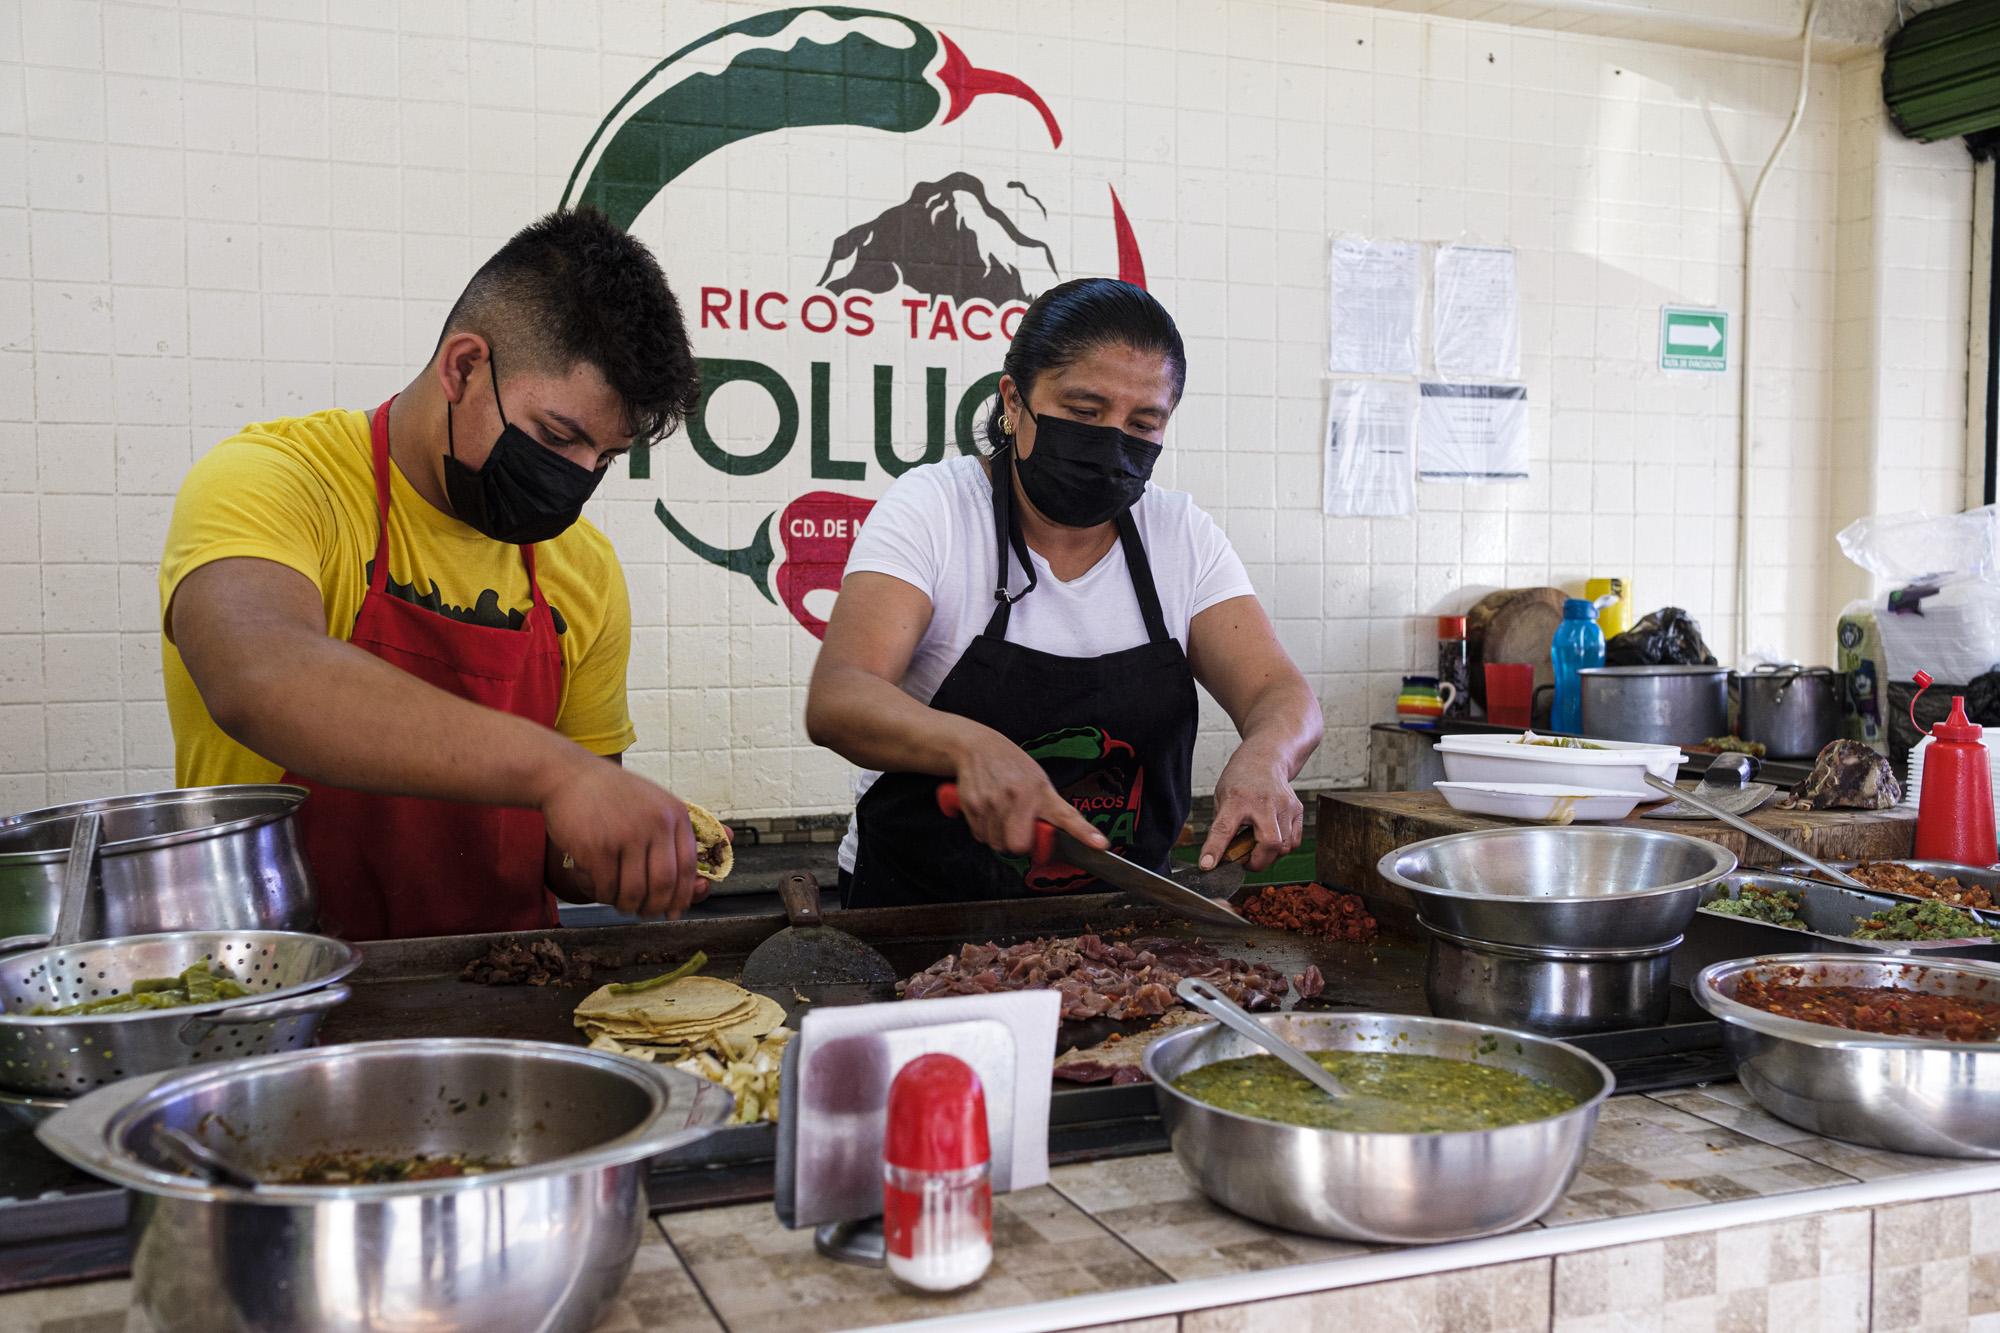 Ricos Tacos Toluca: la taquera detrás de su sabor 🌮